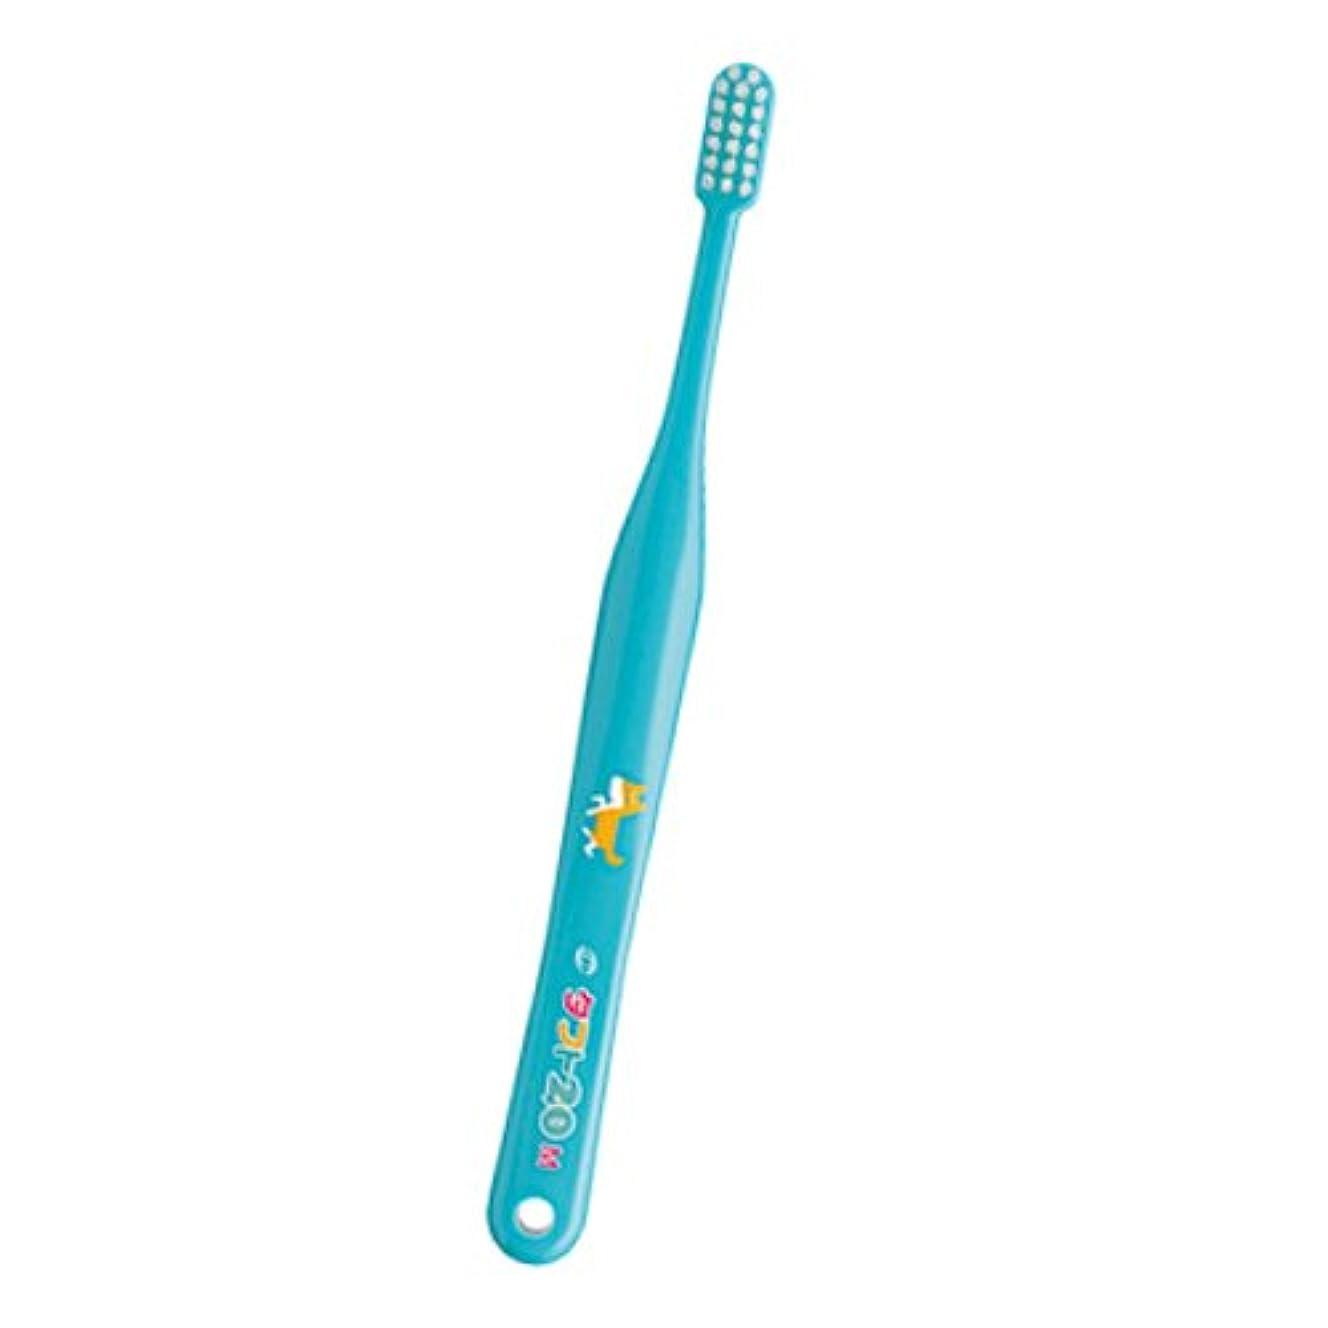 受信まぶしさトラップタフト 20 歯ブラシ ミディアム 1本 ブルー M